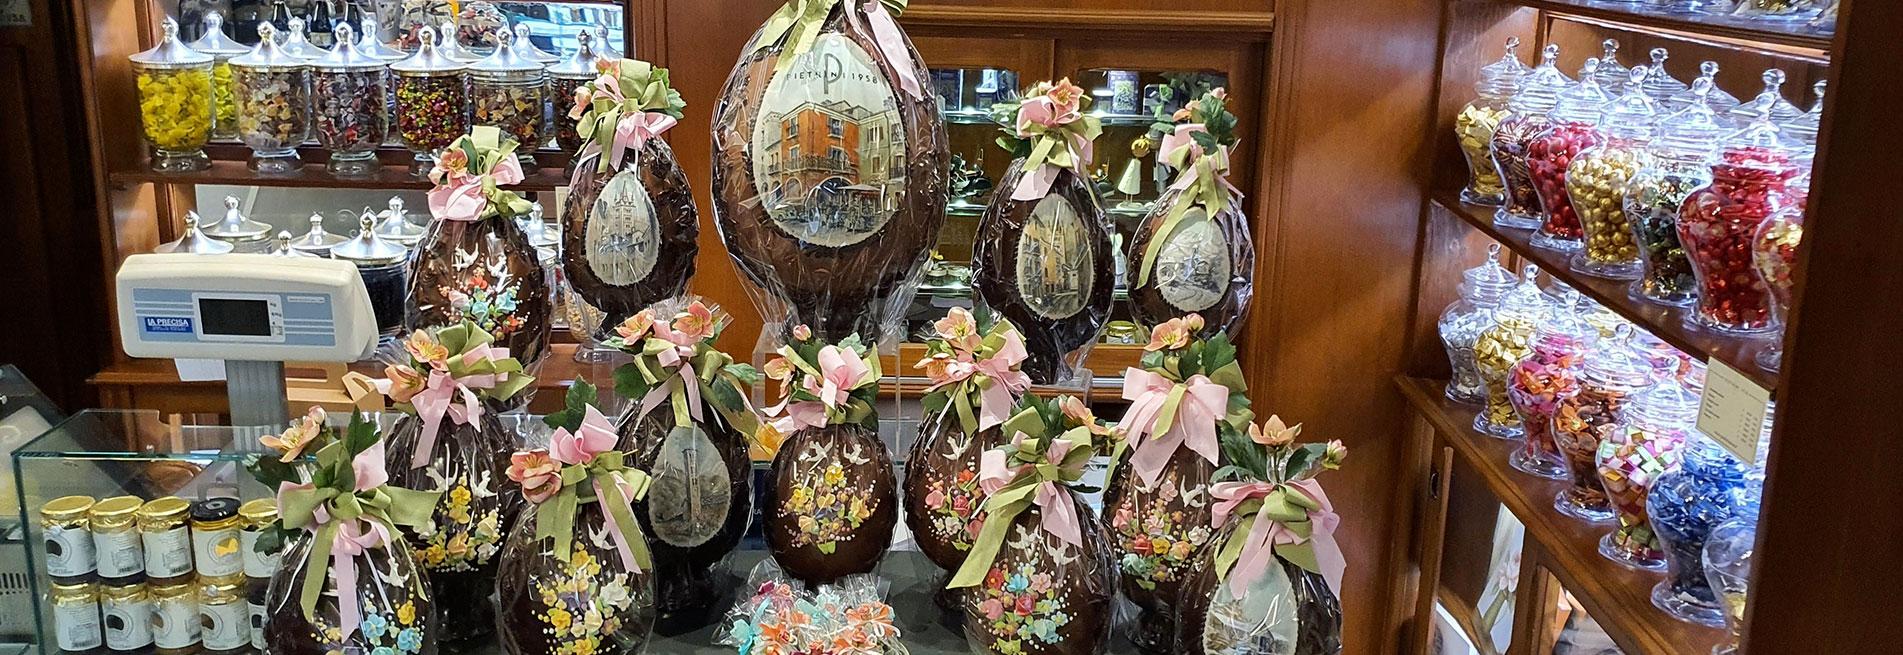 Pasqua 2020: consegna a domicilio uova di pasqua artigianali - Pasticceria Pietrini